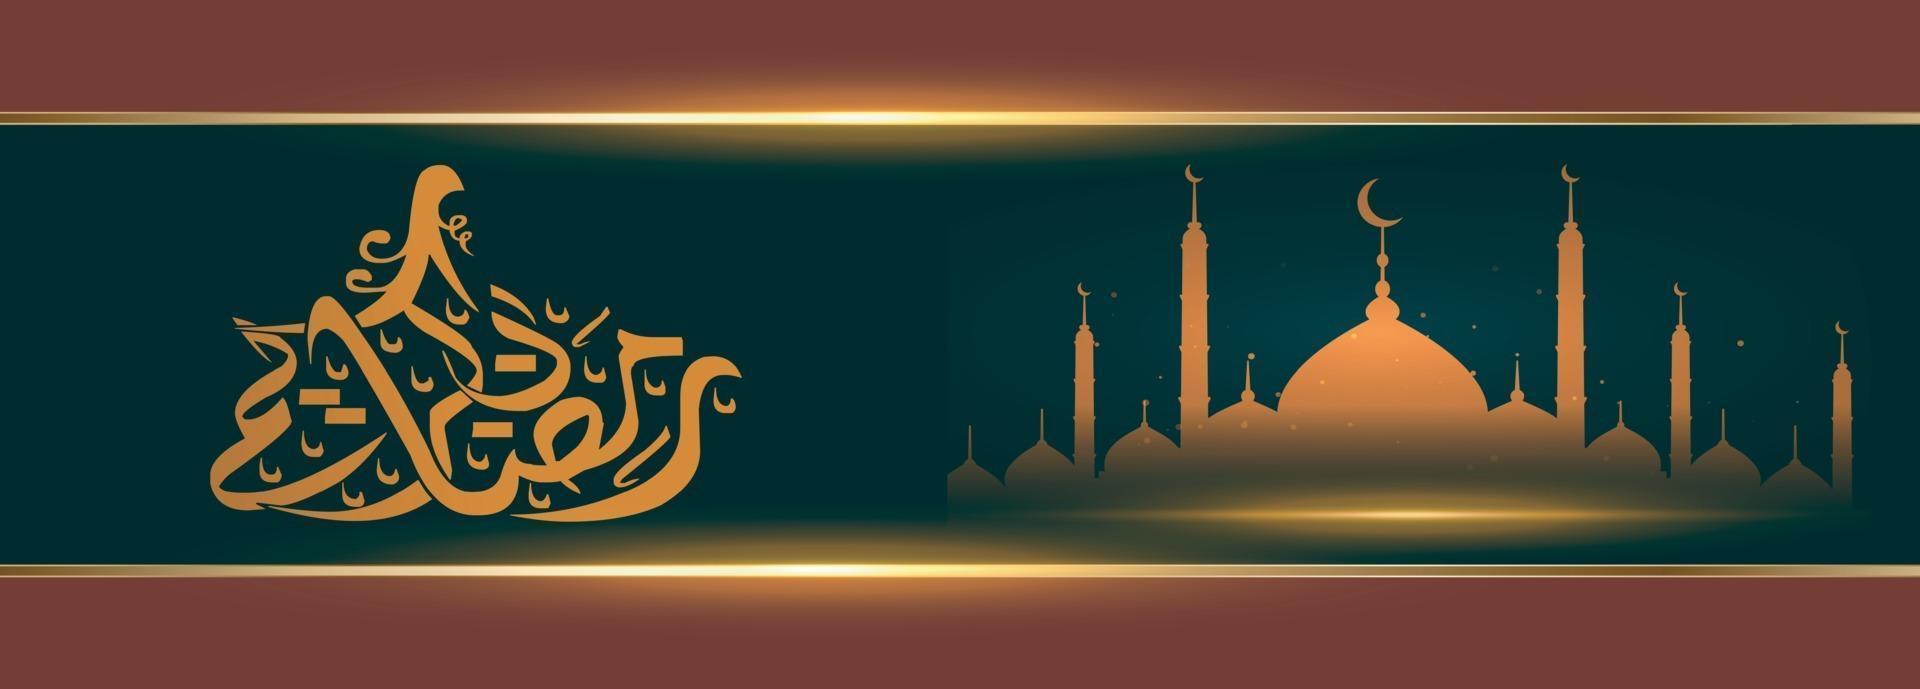 ramadan kareem in arabisch, islamitisch wenskaartontwerp vector